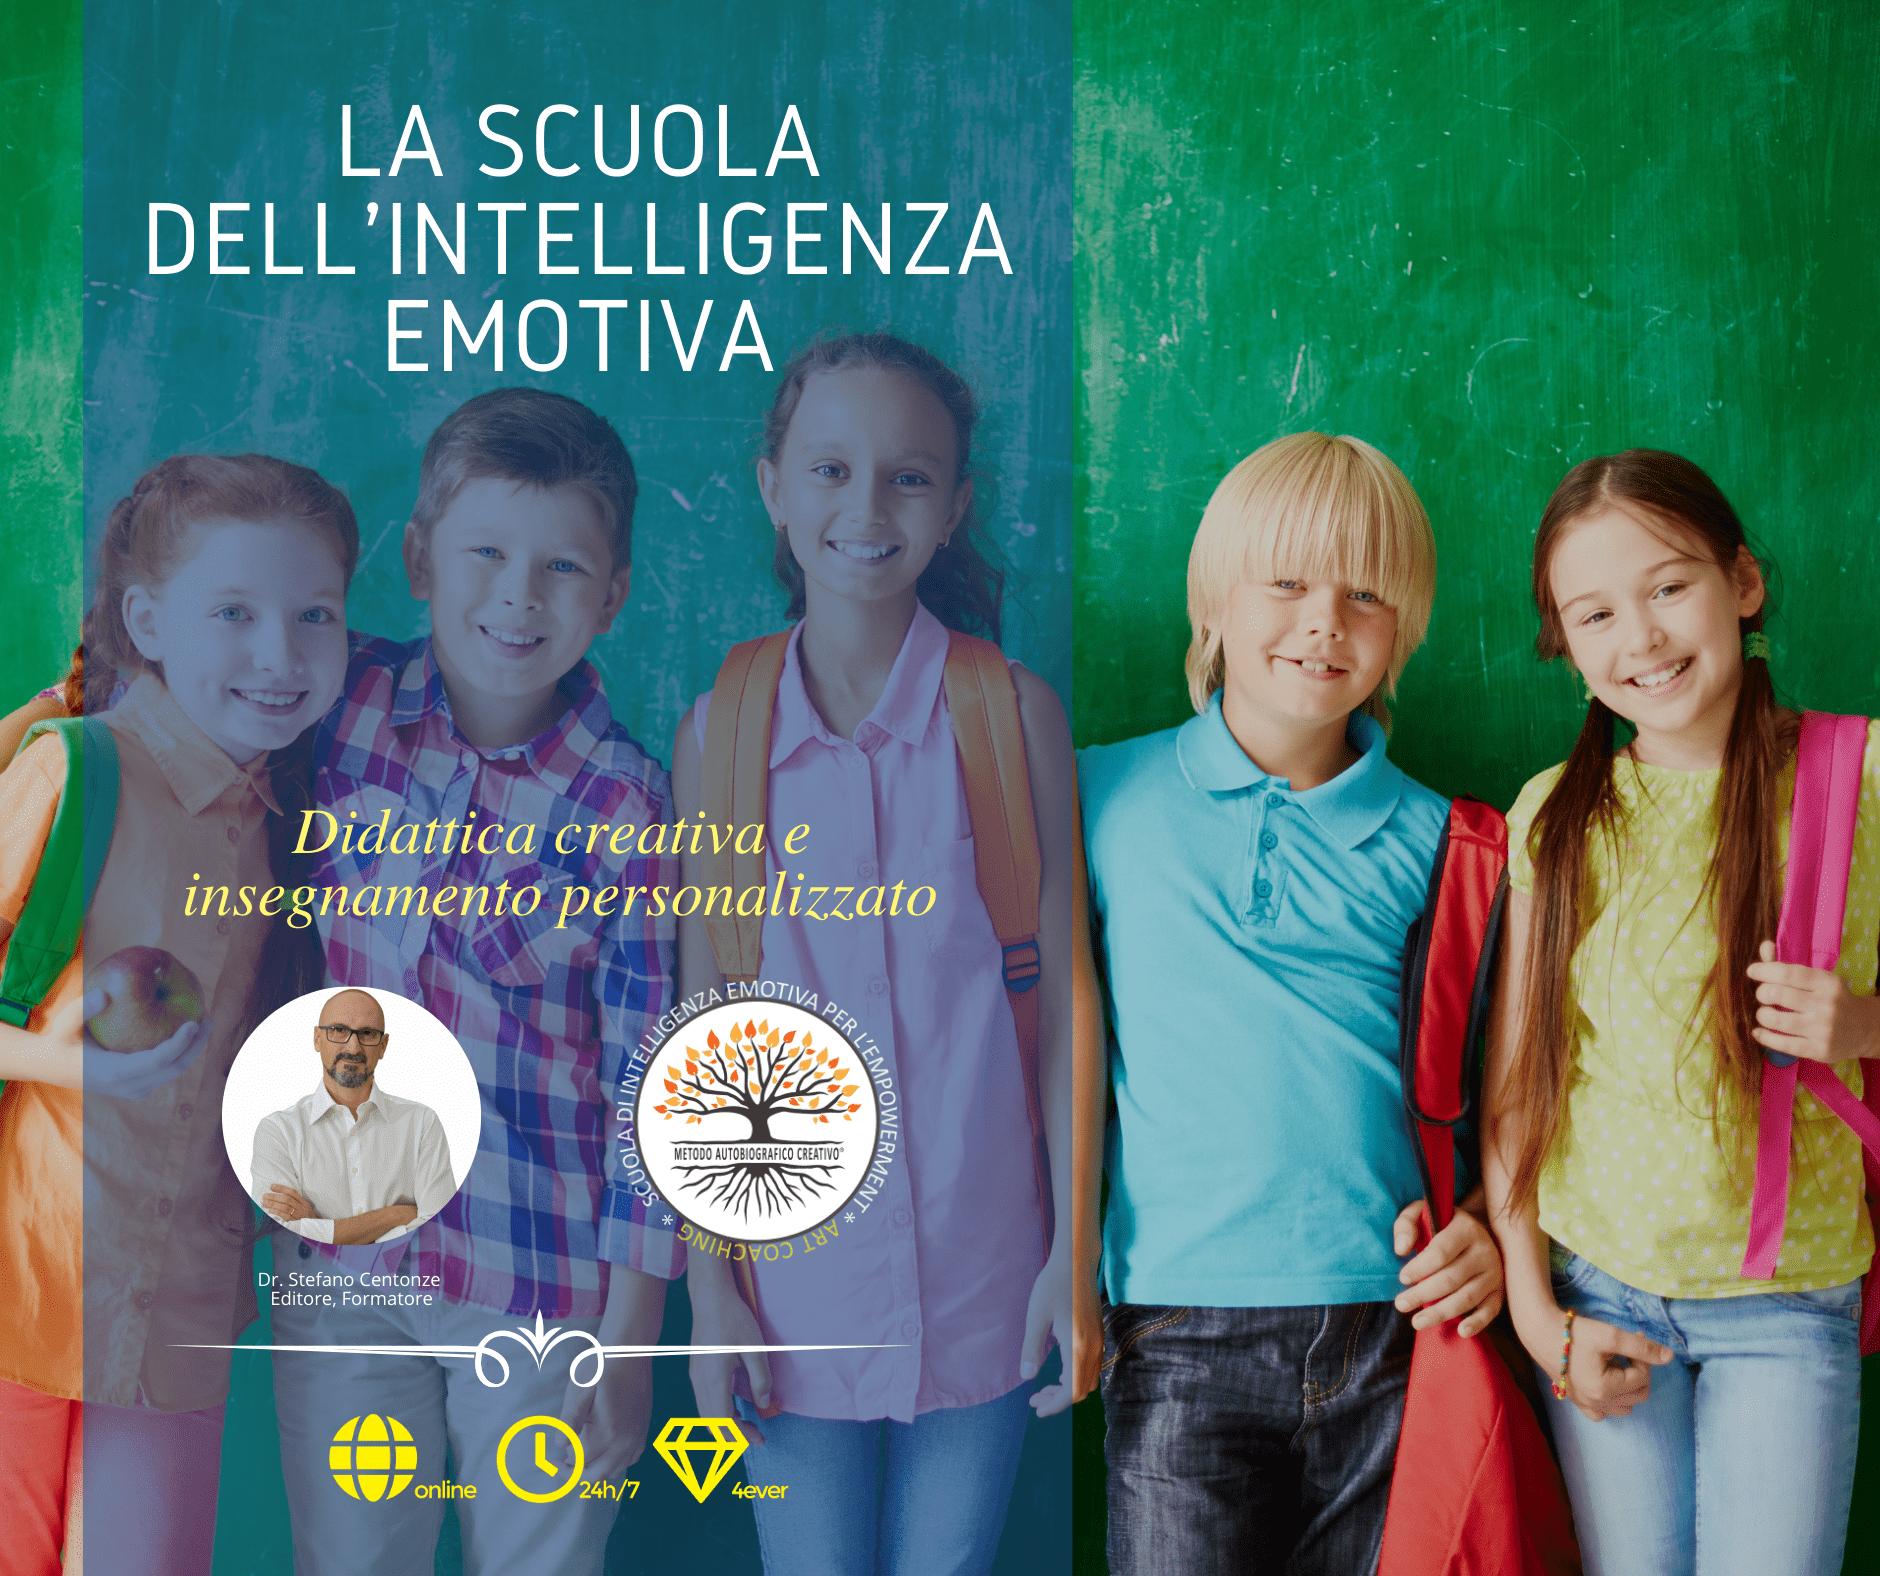 Master Scuola - Intelligenza Emotiva per Insegnanti - Formazione Asincrona - Scuola di Intelligenza Emotiva per l'Empowerment